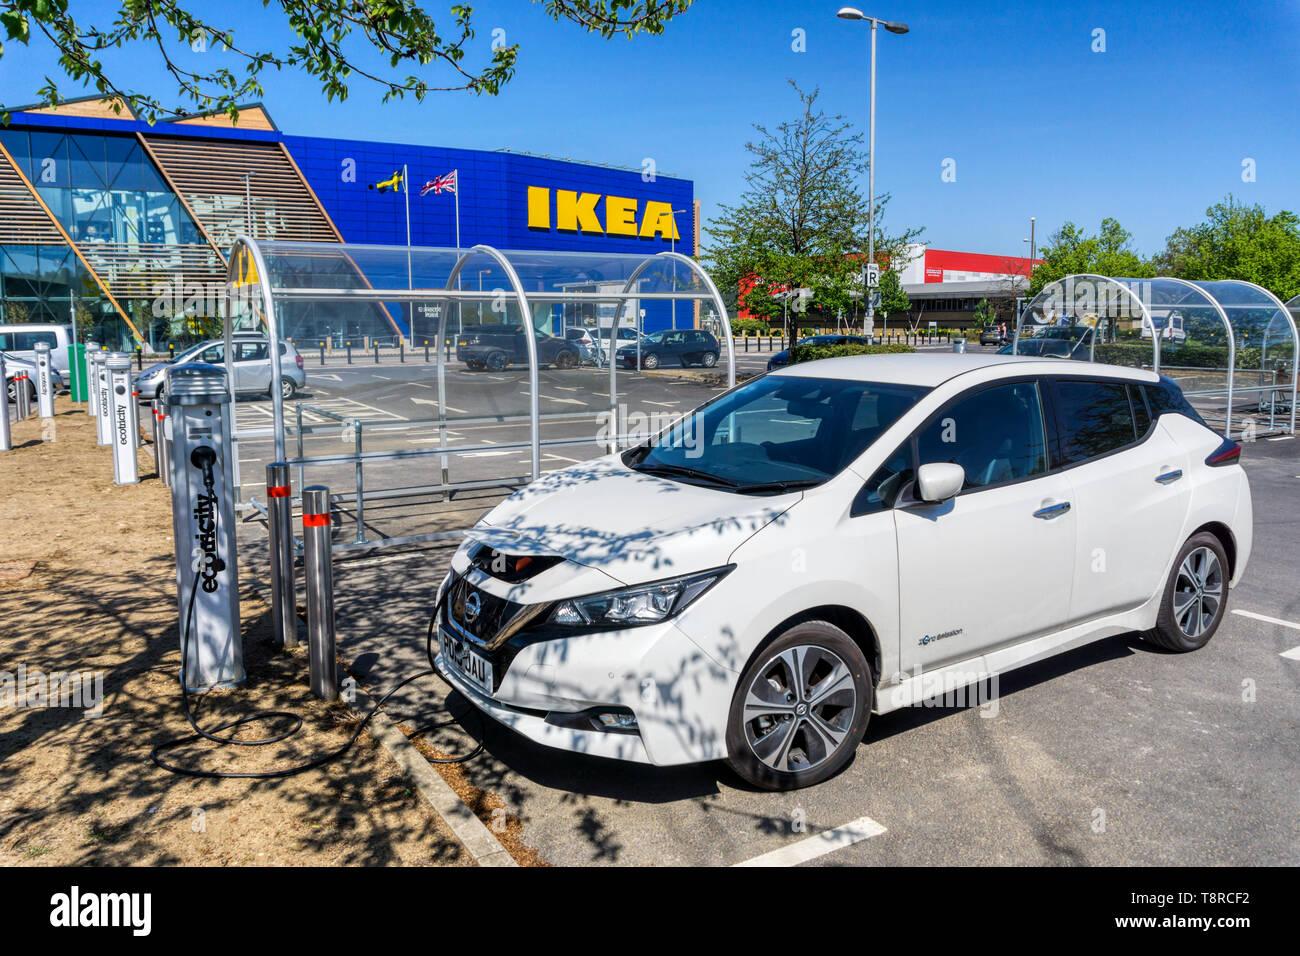 Ikea Car Park Stock Photos Ikea Car Park Stock Images Alamy